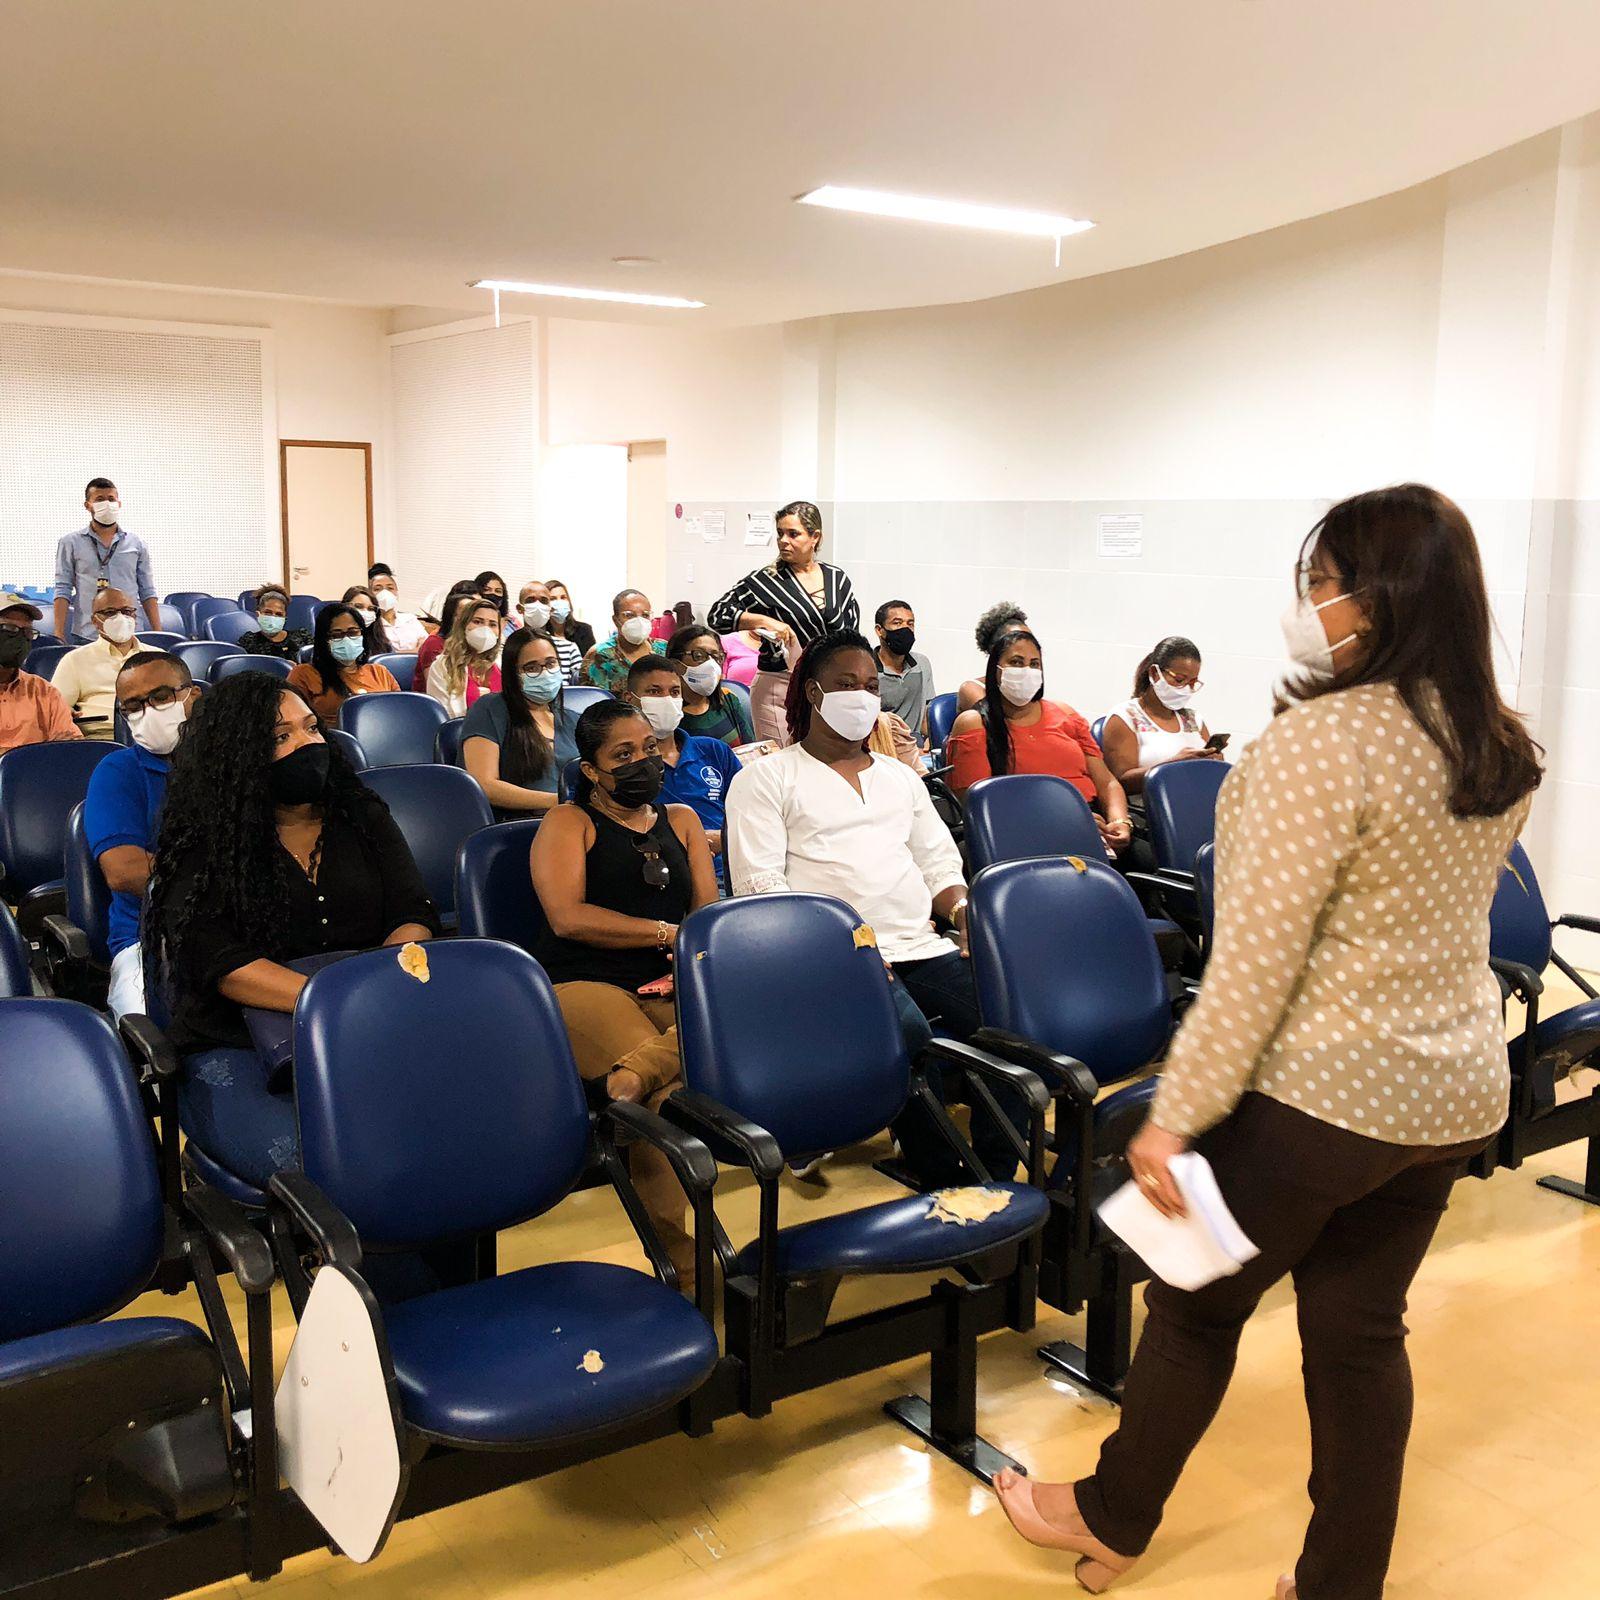 Prefeitura de São Francisco do Conde investe em modernidade e tecnologia para benefícios sociais e políticas públicas